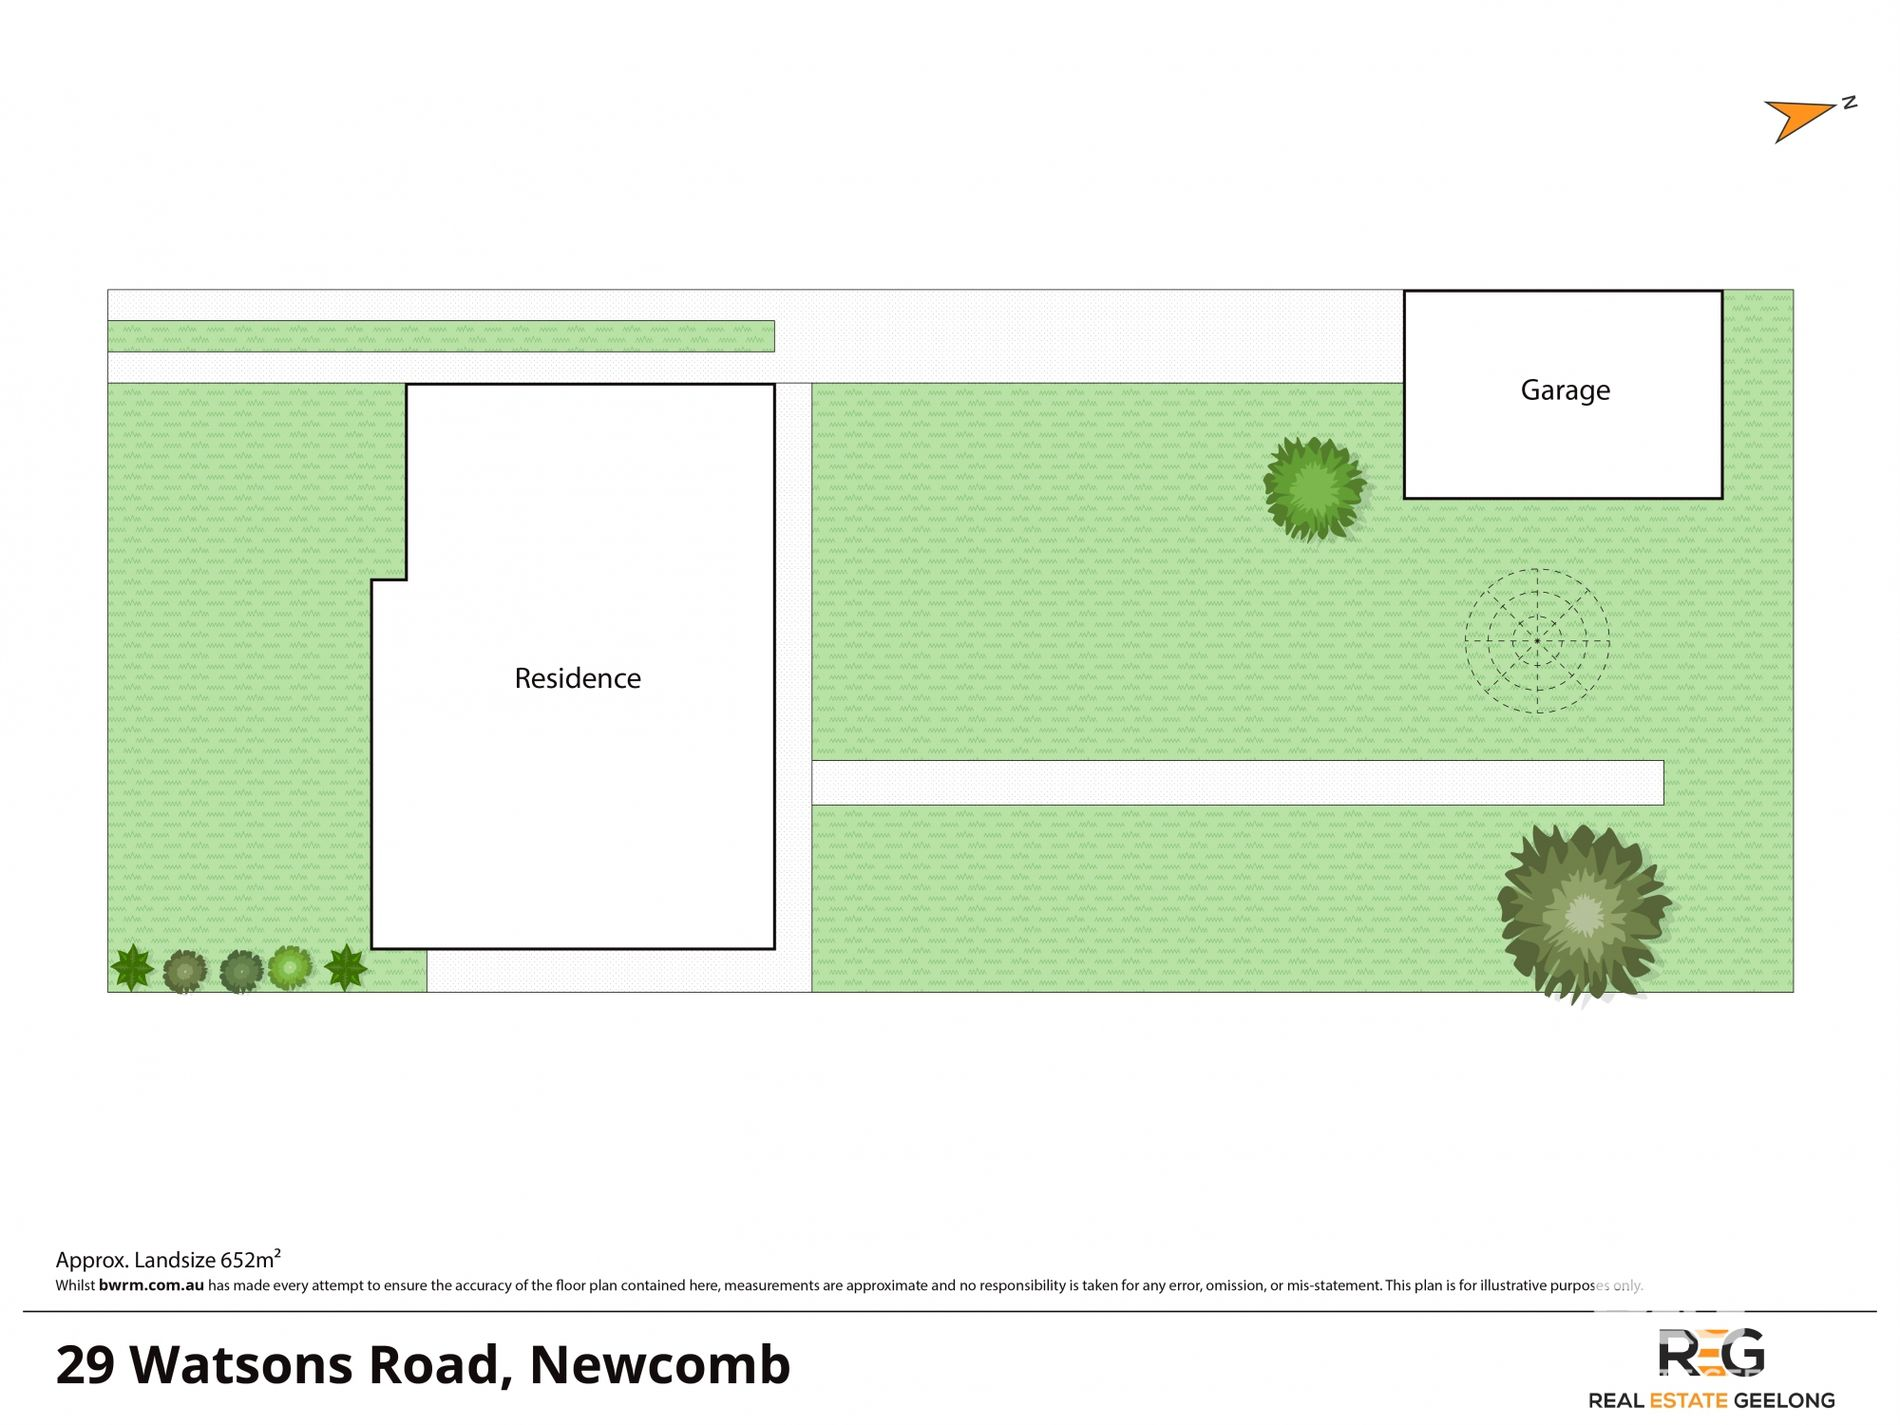 29 WATSONS ROAD, Newcomb